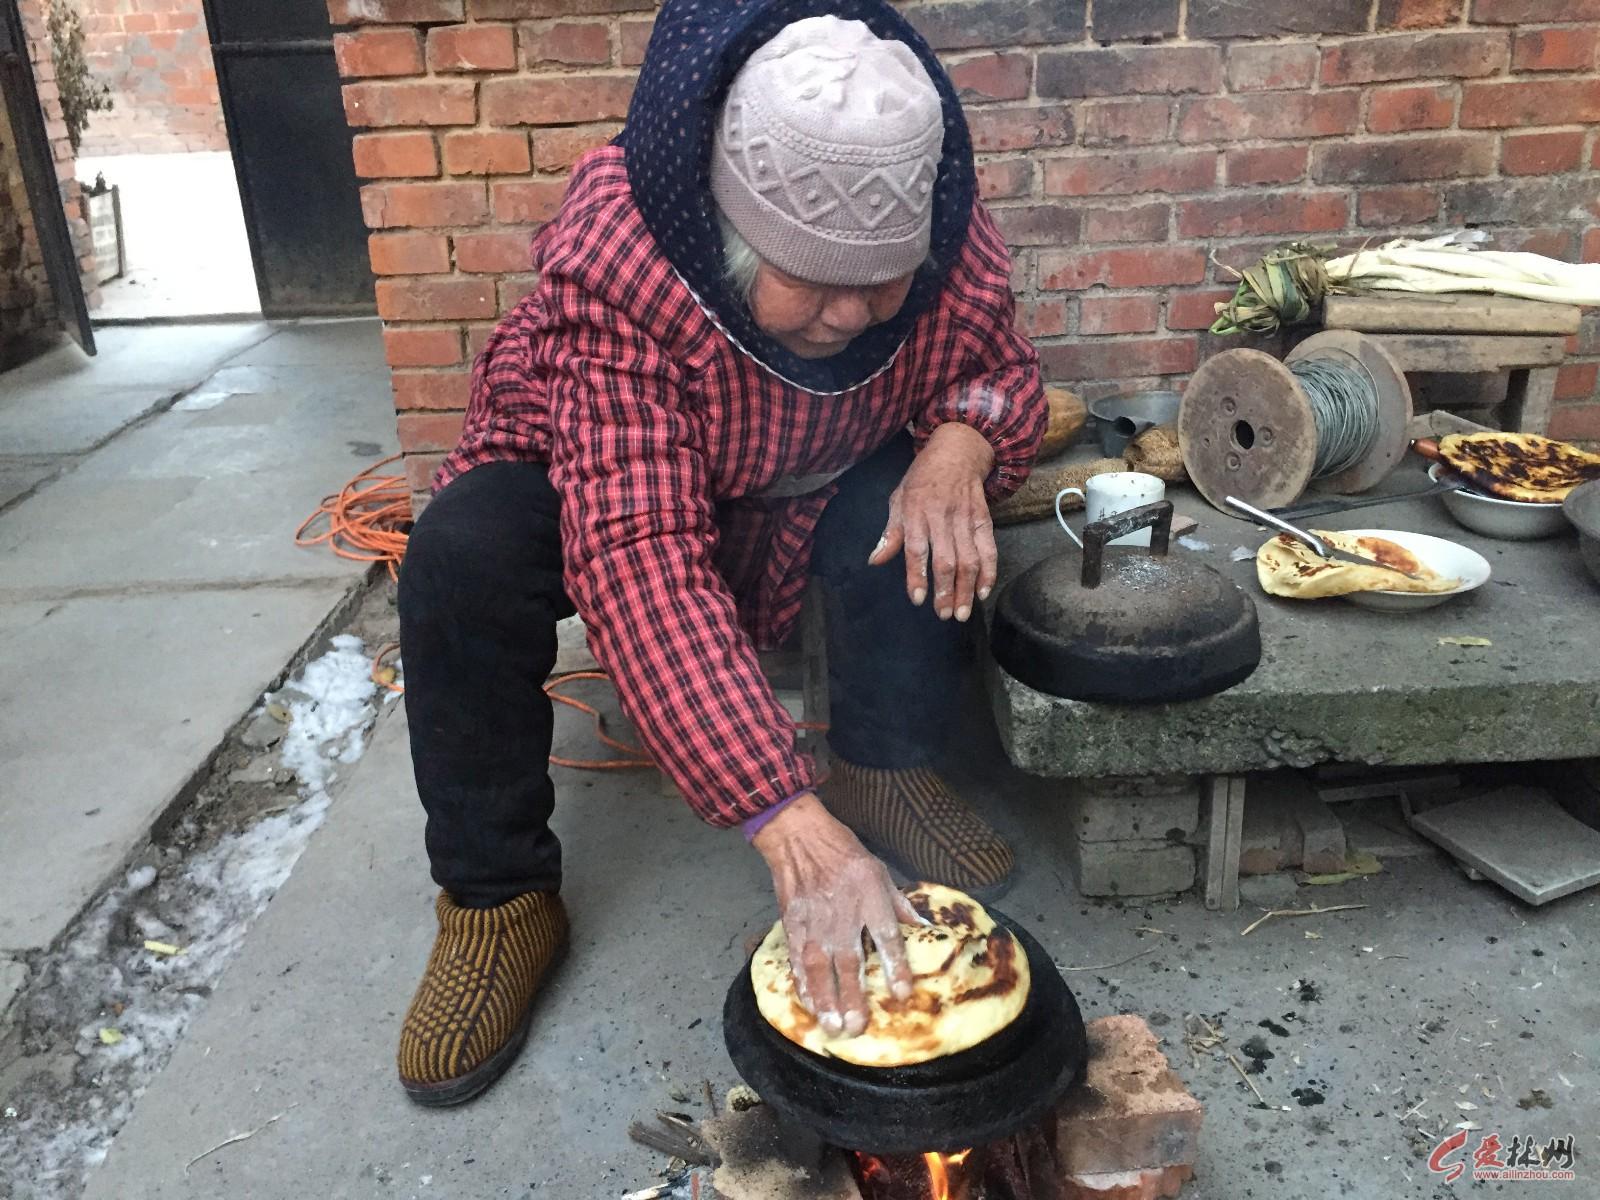 农村80岁老奶奶用古董锅烙饼,什么都没放,10张饼被全家人抢吃光